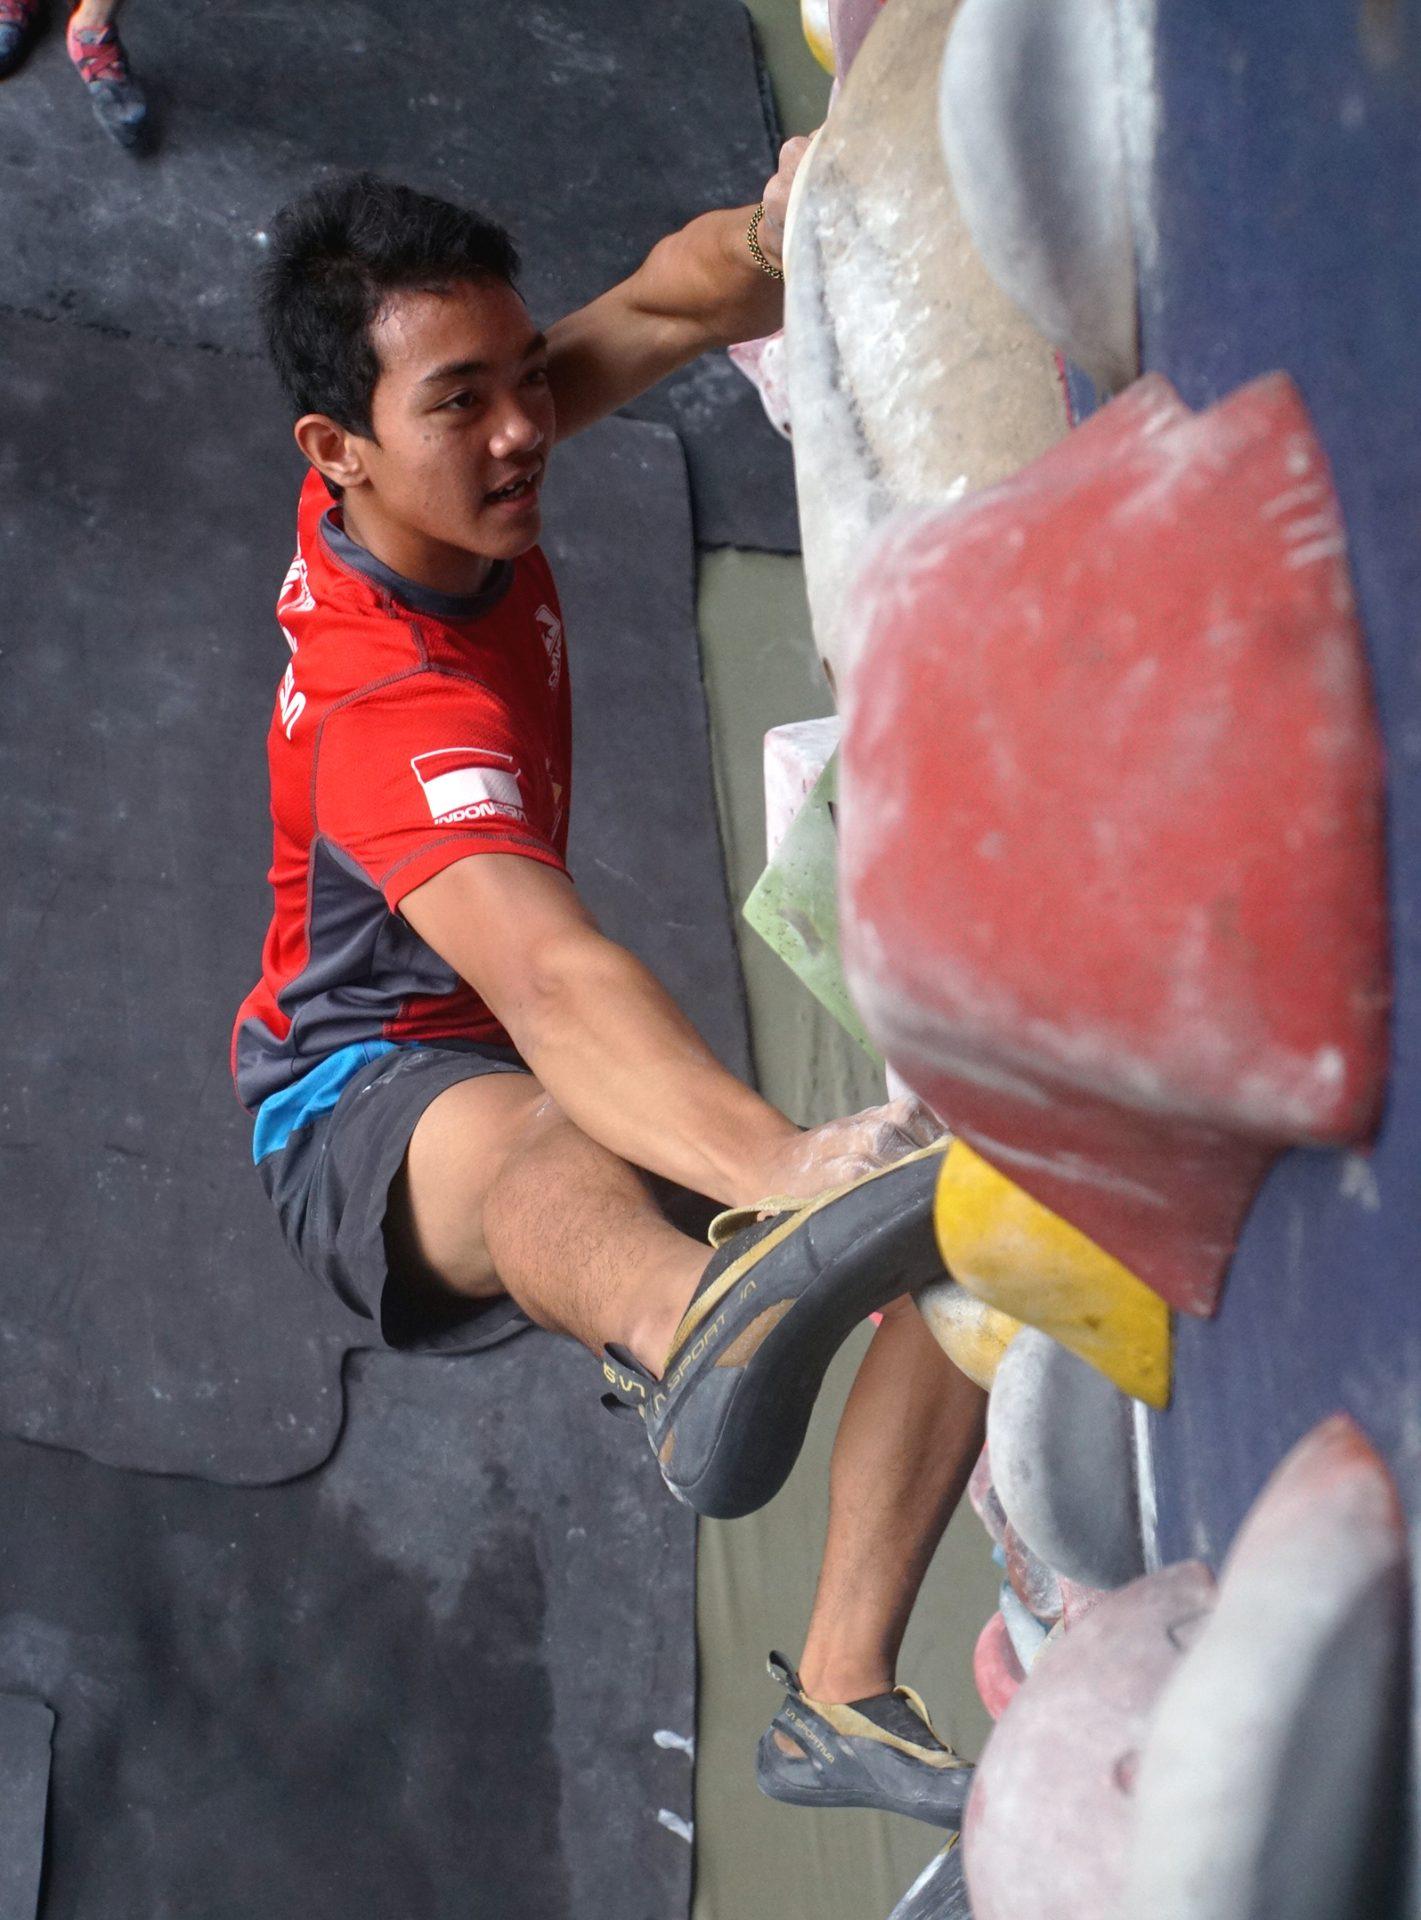 Kiromal Katibin melakukan pemanjatan nomor boulder dalam sesi latihan rutin